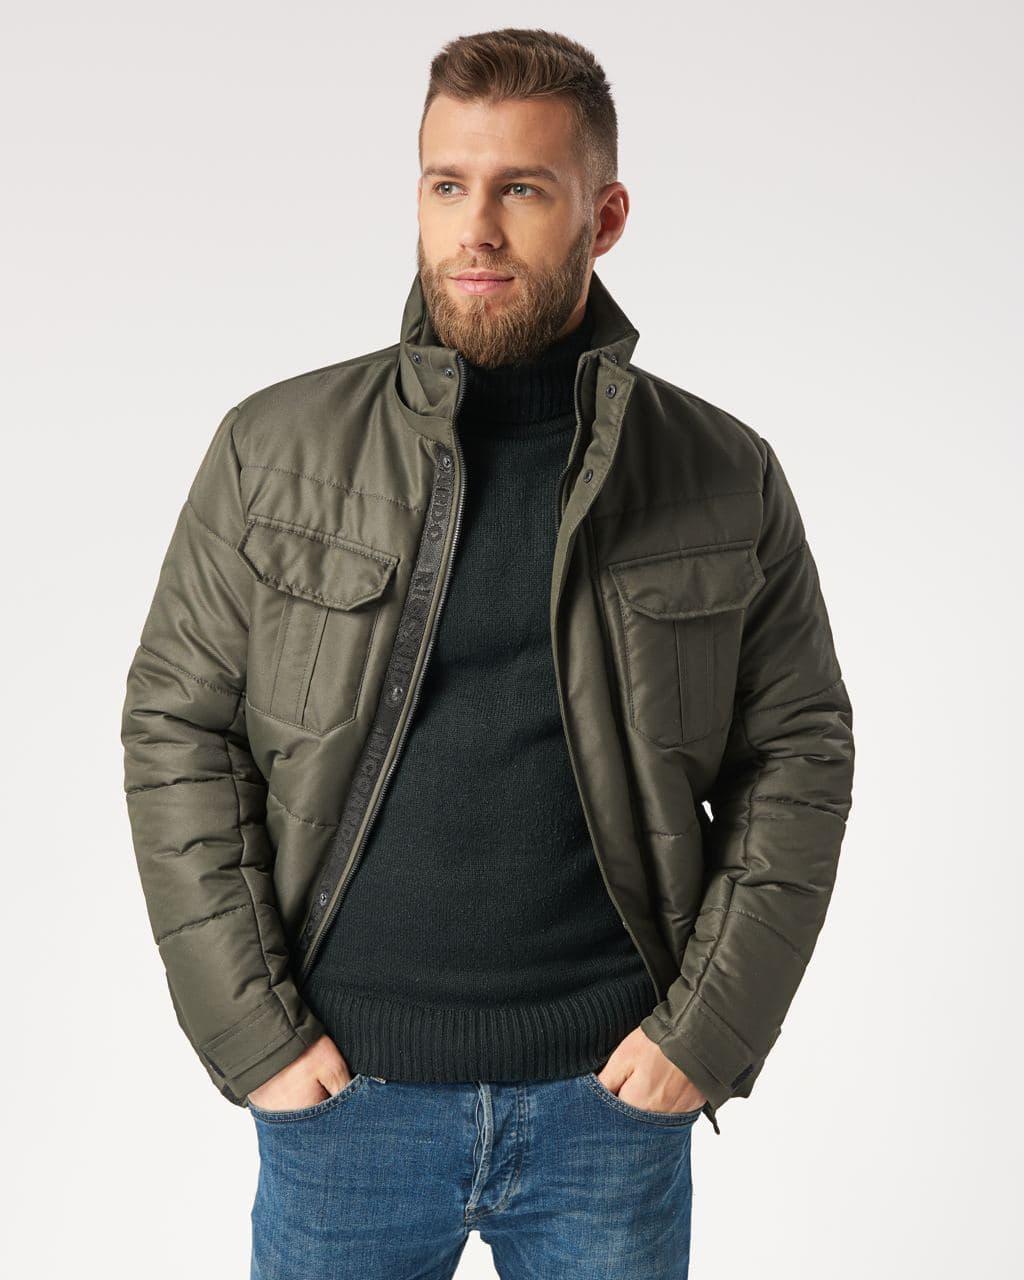 Куртка зимова чоловіча зі знімним капюшоном кольору хакі. Розмір 46, 48